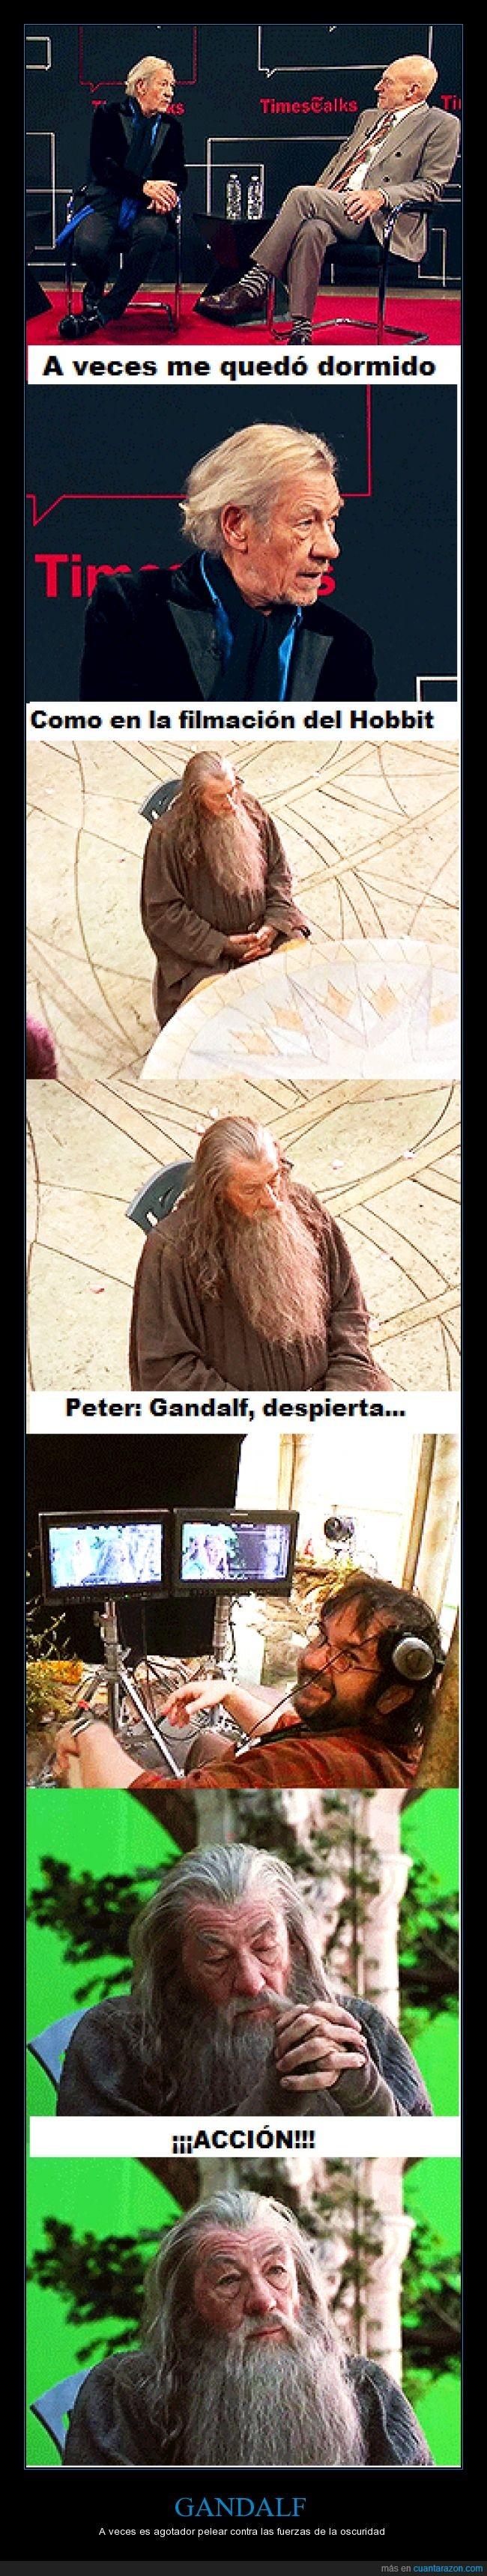 dormir,entrevista,gandalf,hobbit,perdón por la imagen de mala calidad,peter